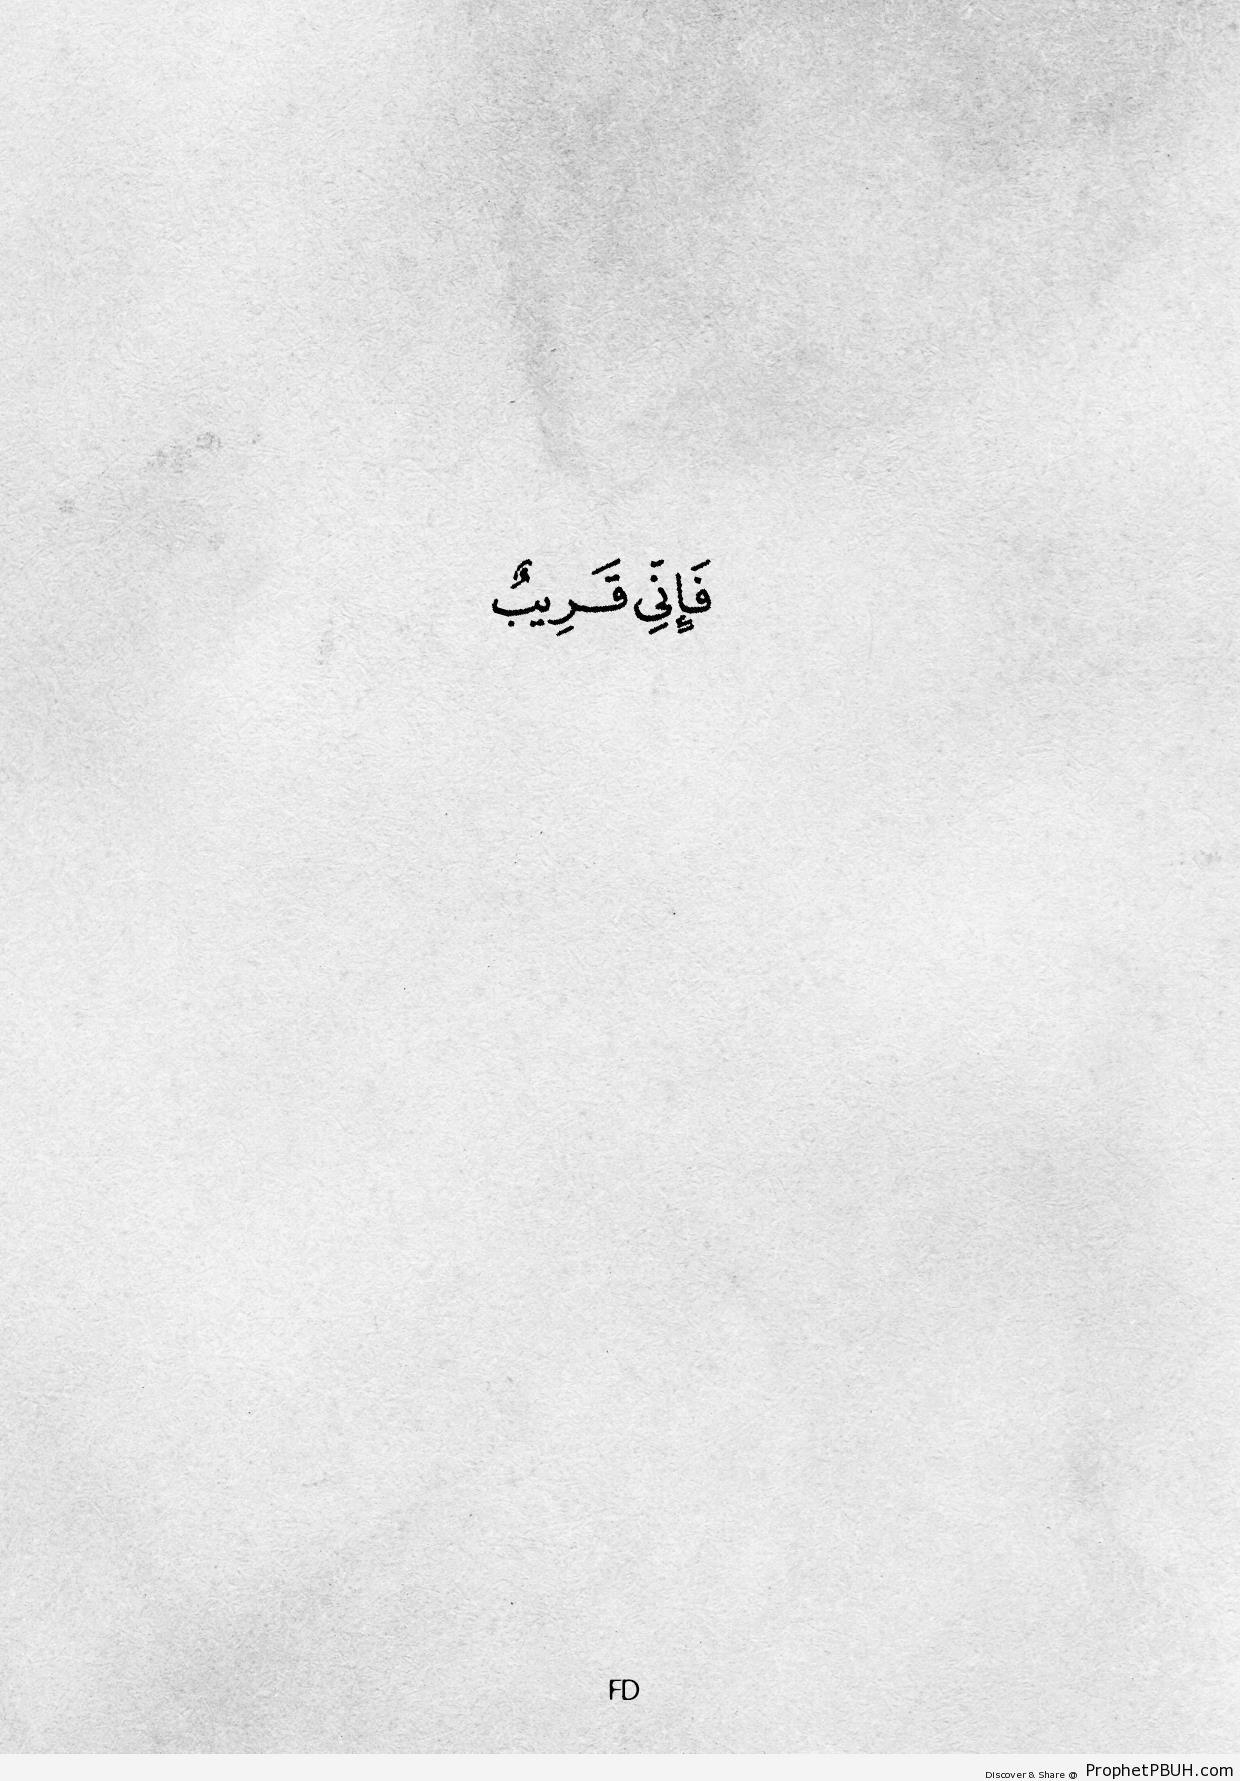 Quran 2-186 - Quran 2-186